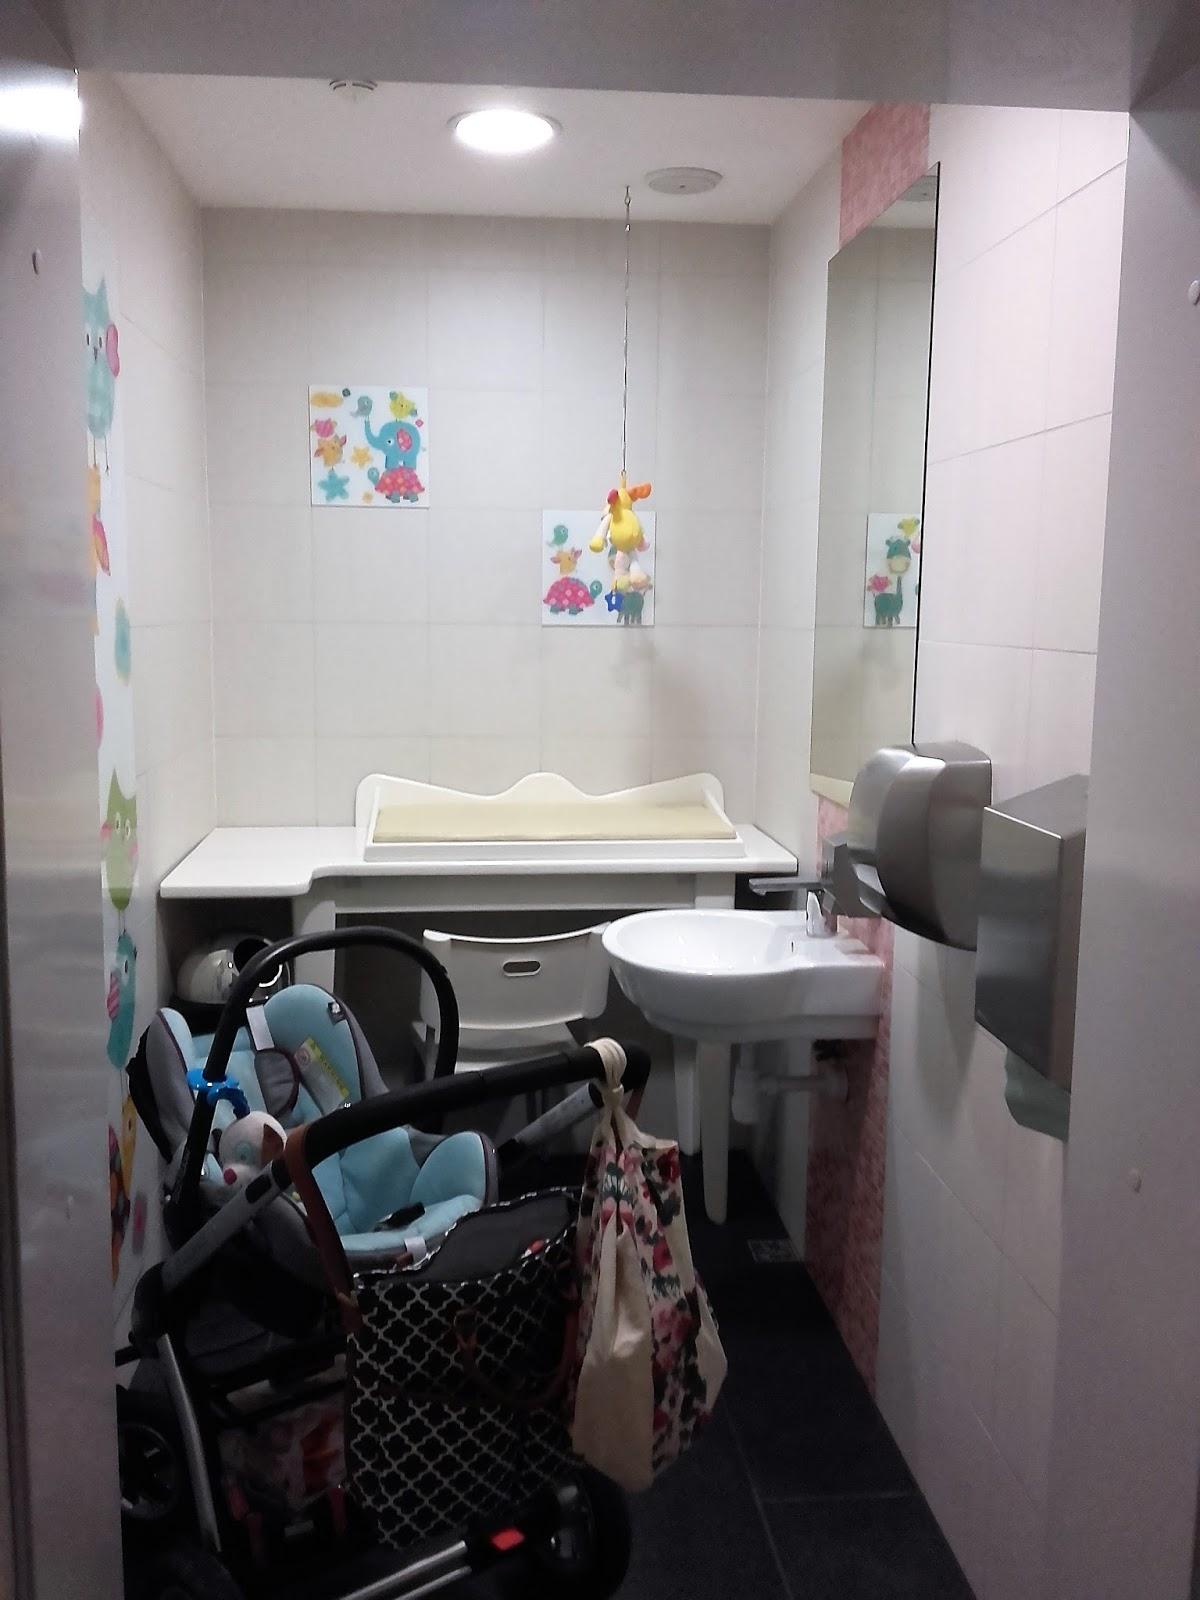 pokój dla matki z dzieckiem w CH Osowa, pokoj do karmienia i przewinięcia dziecka w centrum handlowym osowa